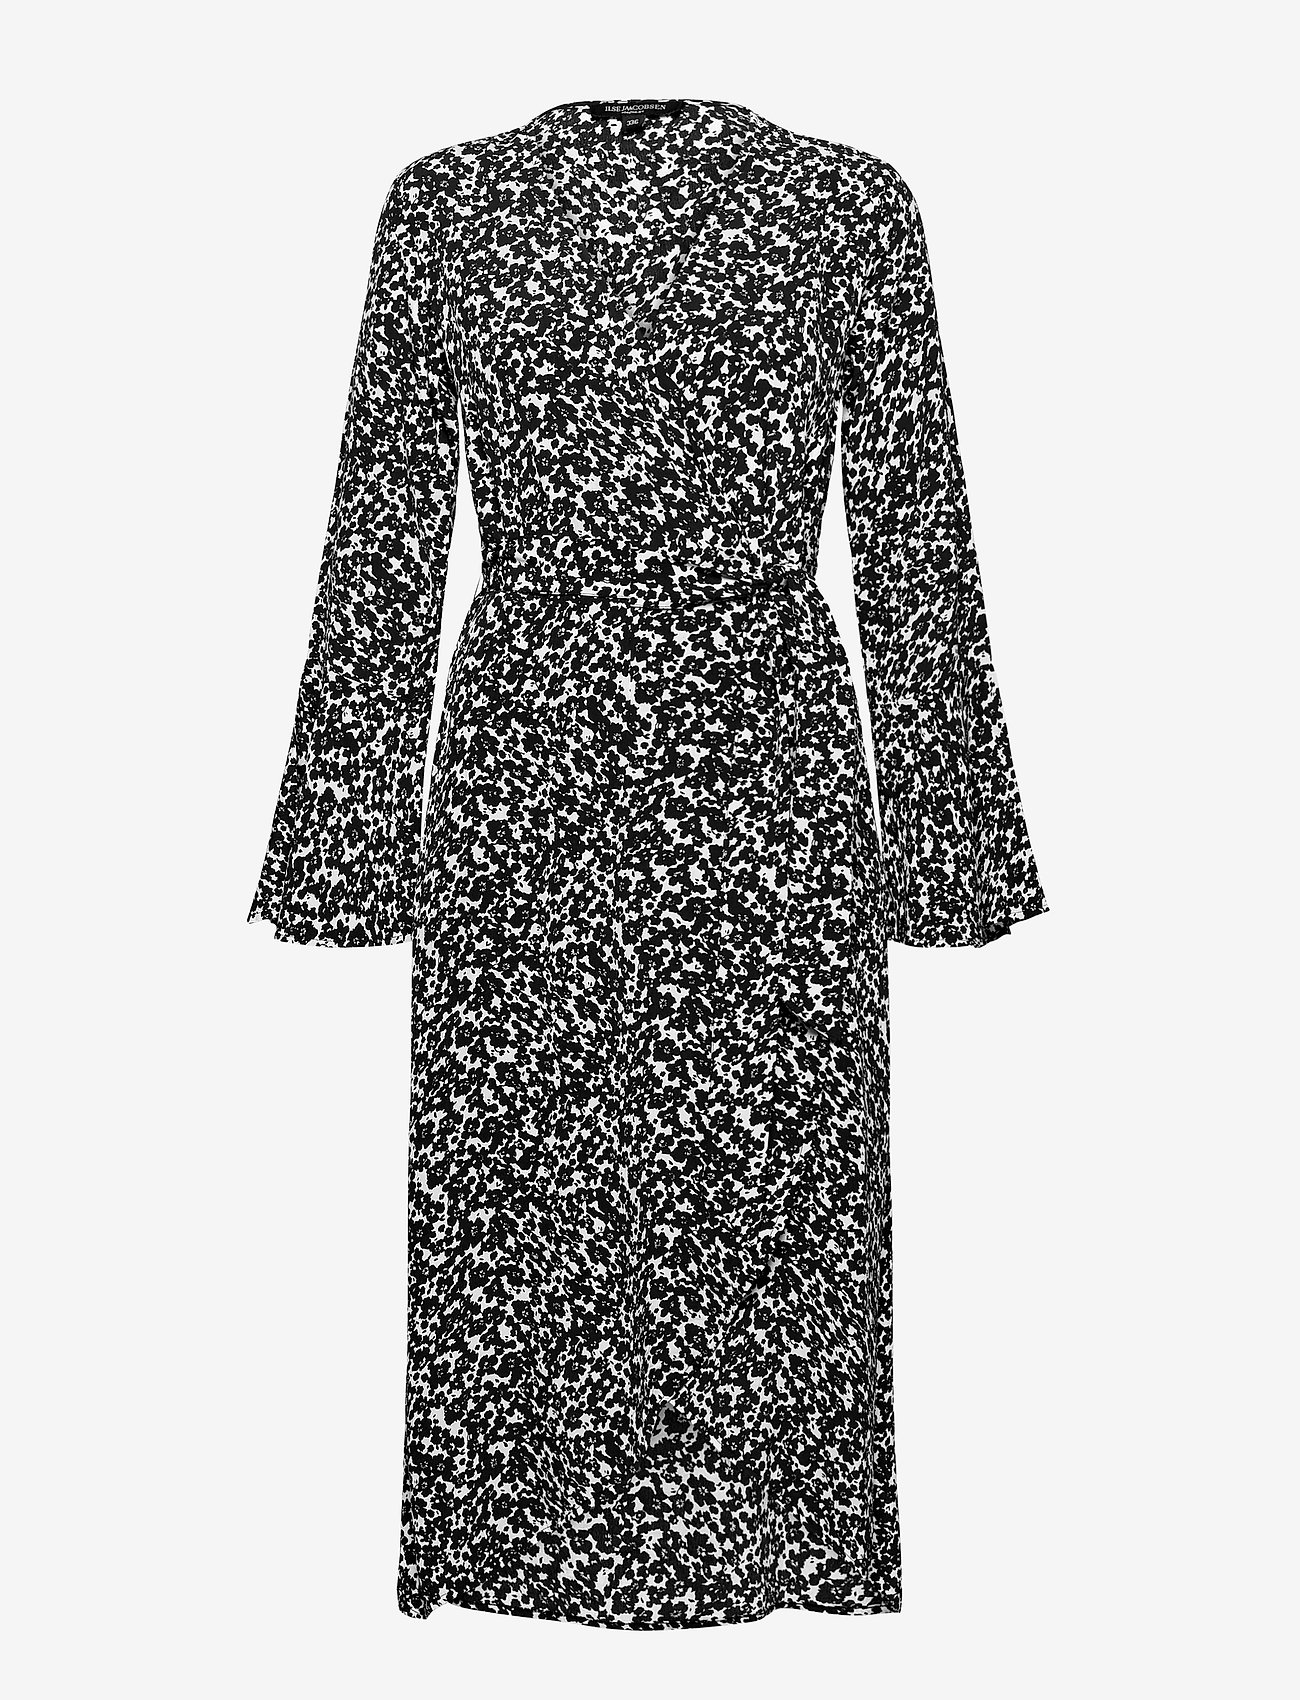 Ilse Jacobsen - DRESS - hverdagskjoler - black - 0